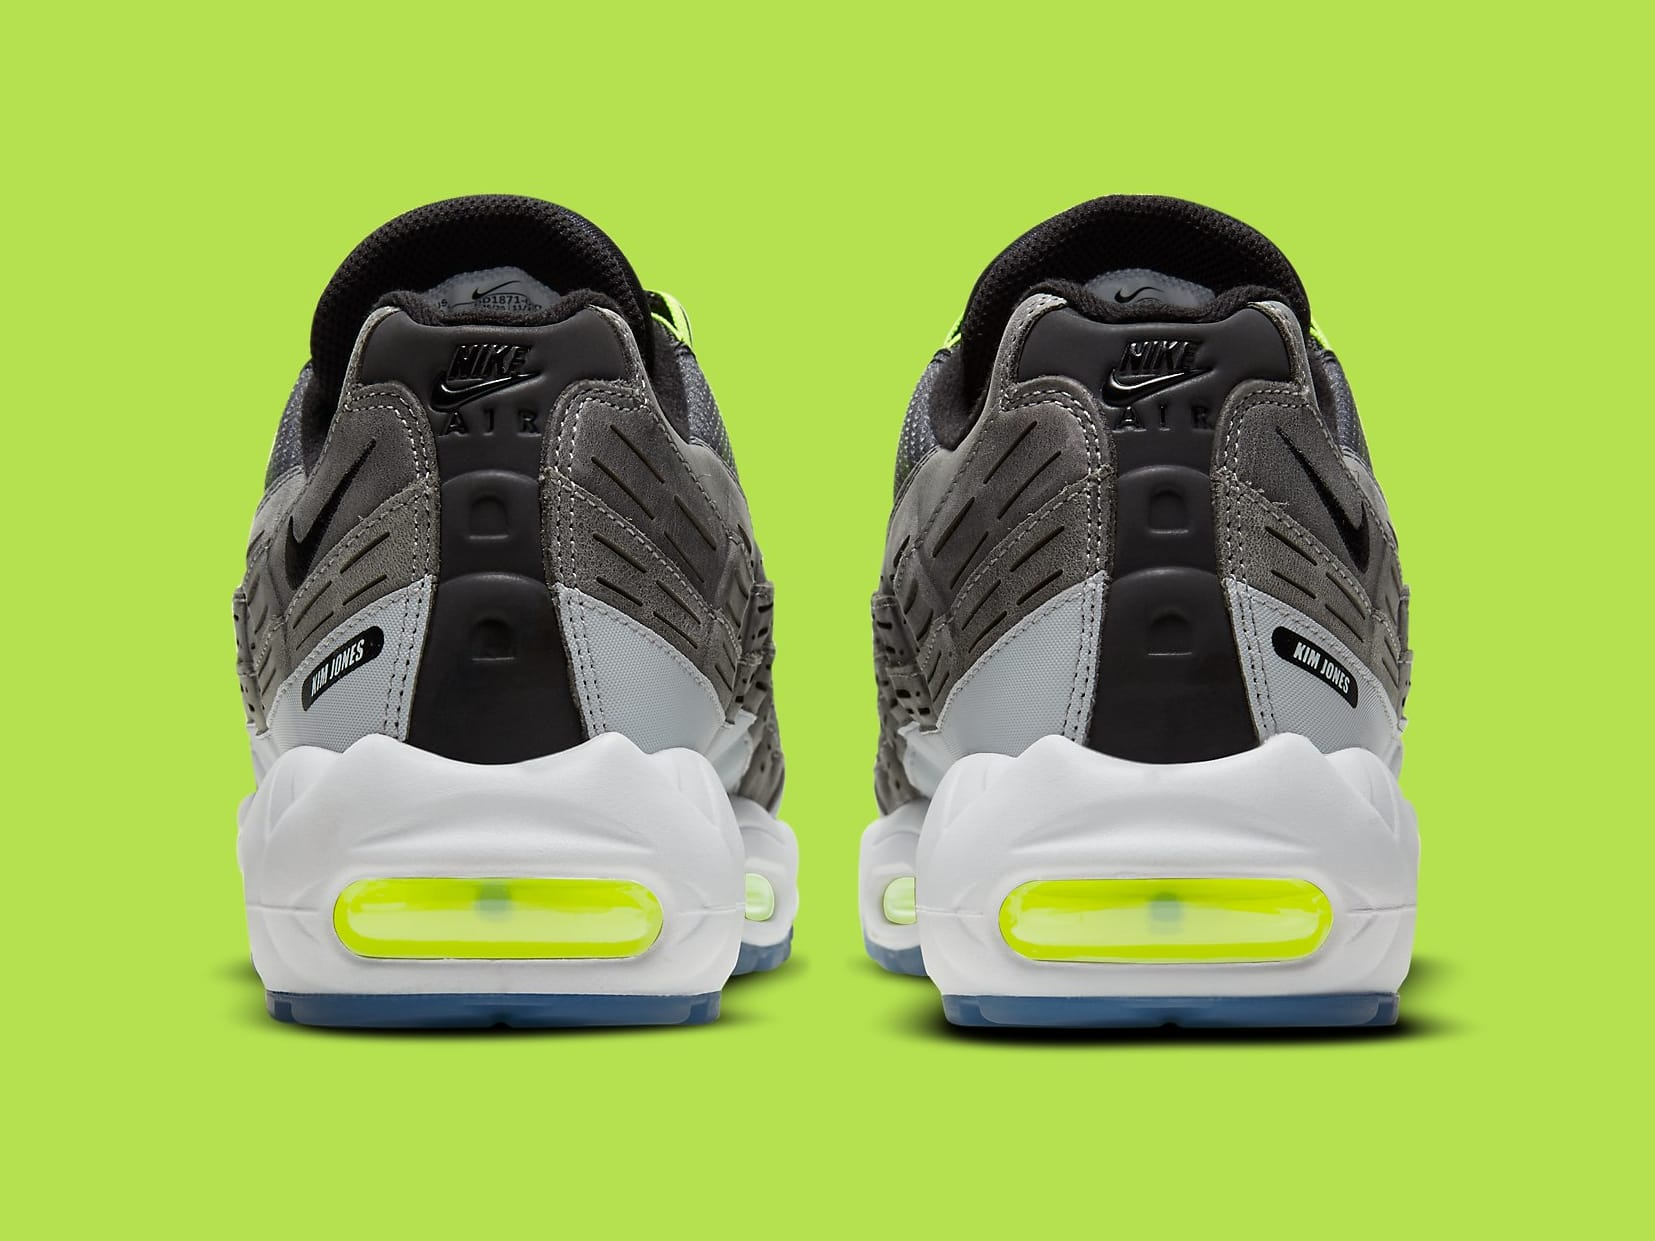 Kim Jones x Nike Air Max 95 Volt Release Date DD1871-002 Heel